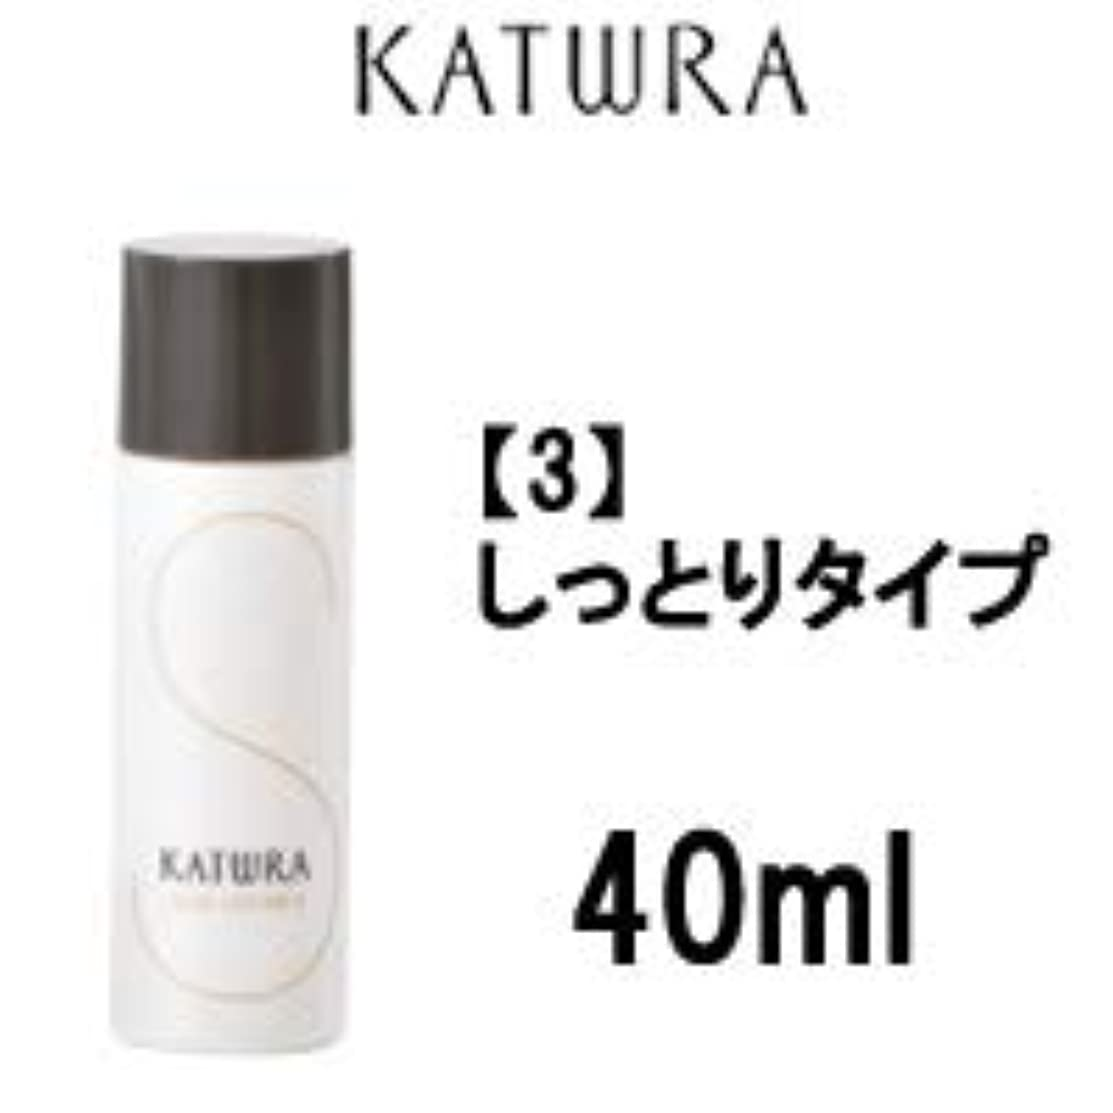 不合格指信者カツウラ化粧品 スキンローションA 40ml (3 しっとりタイプ)